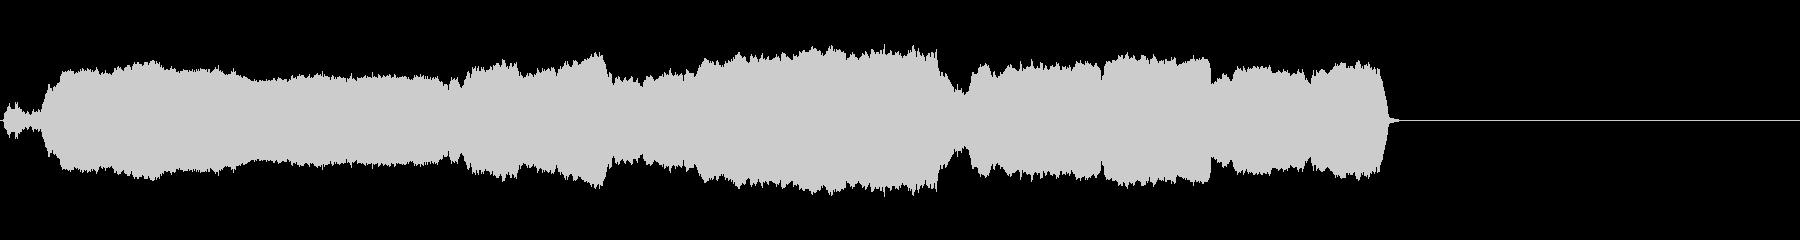 ホイッスルトレインハイウォブルブローの未再生の波形